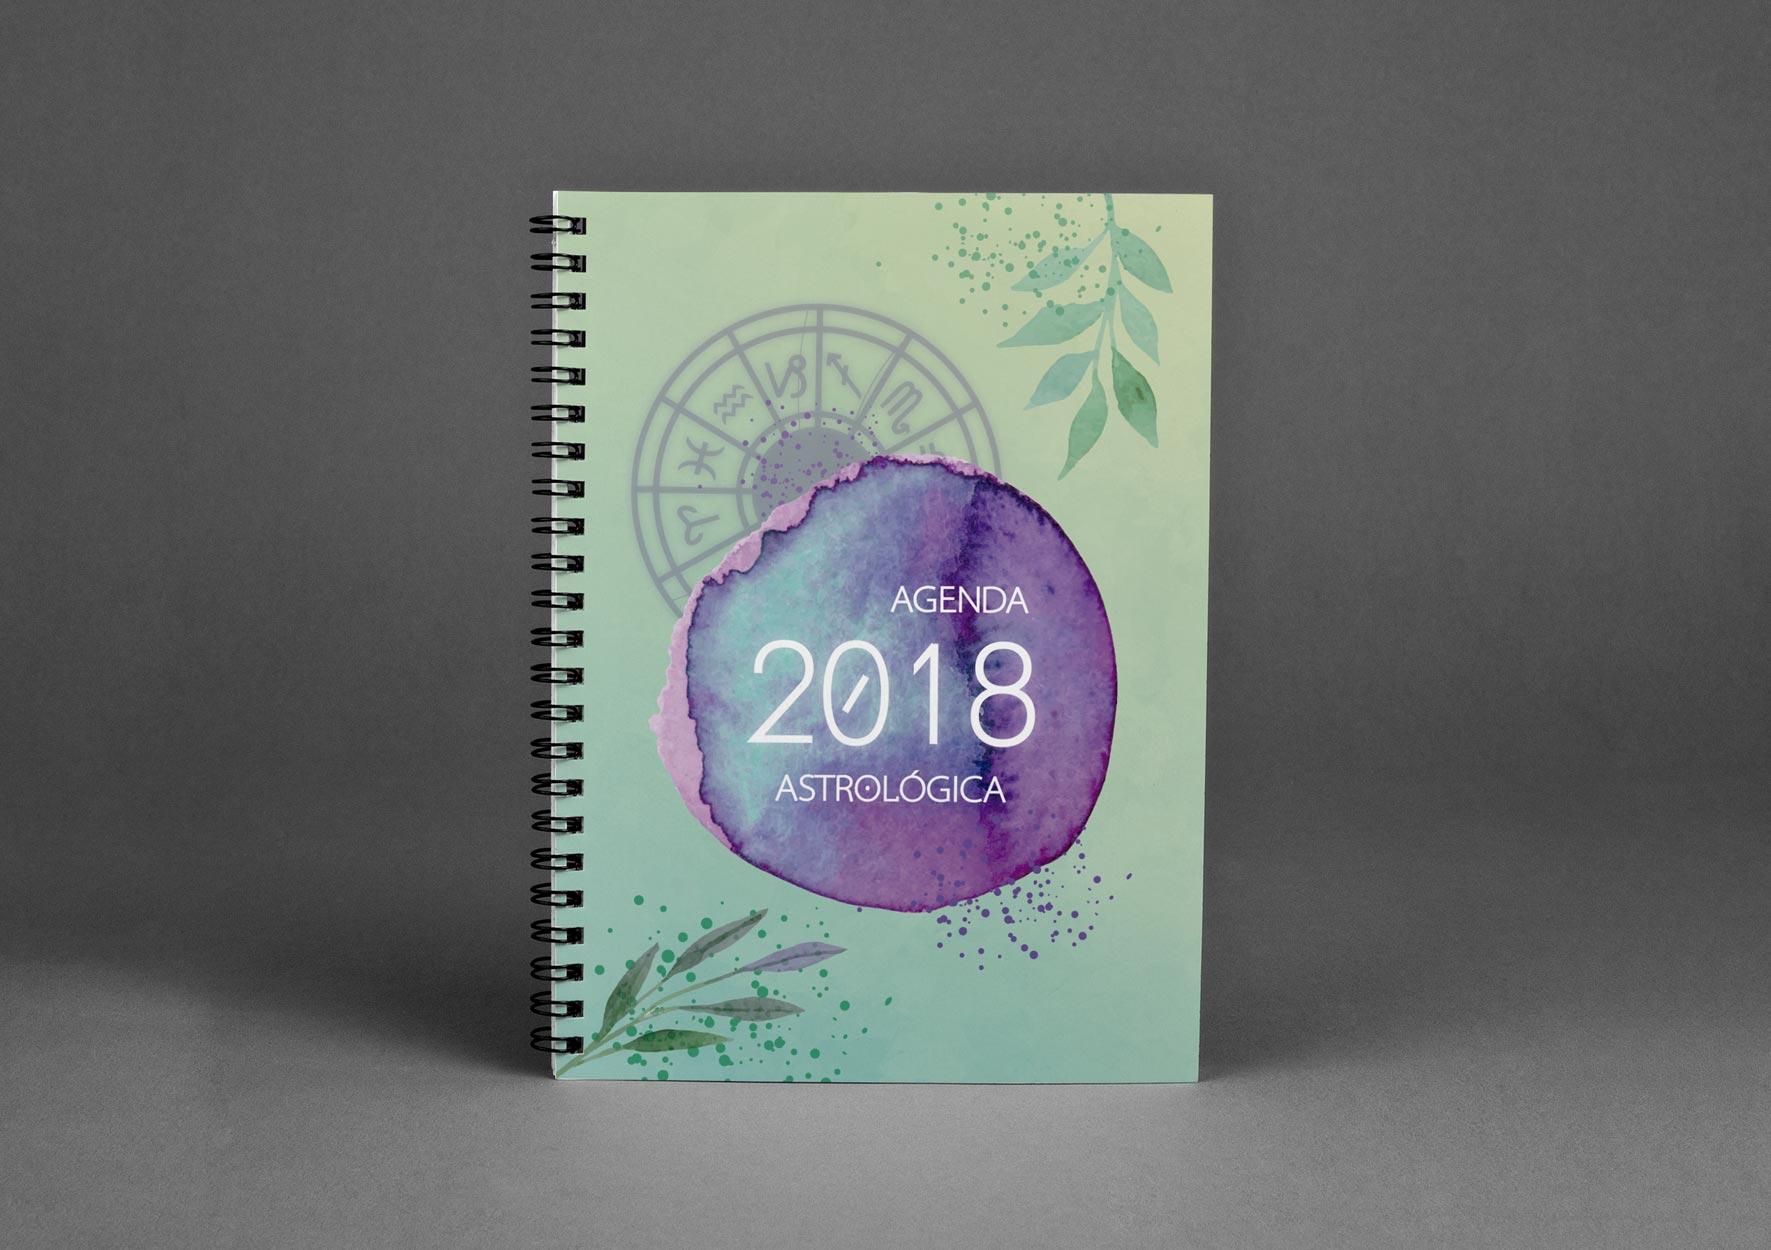 Agenda Astrológica - portfolio d-sign Ana Cláudia